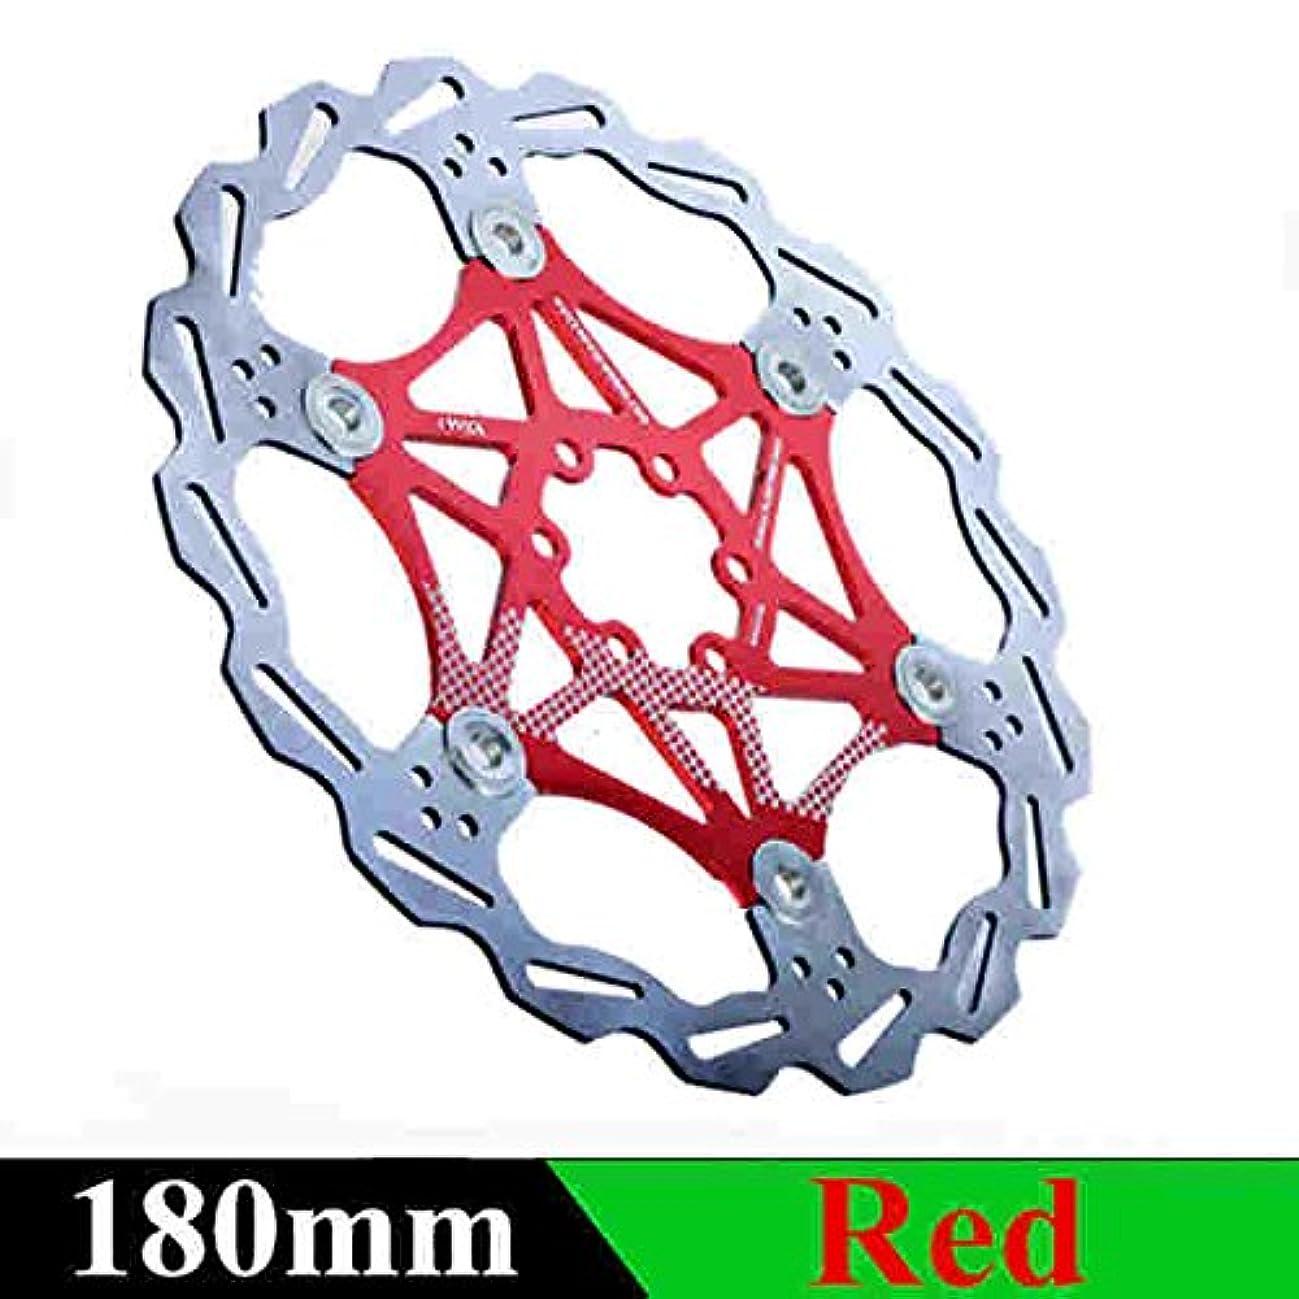 それる脚むしろPropenary - 自転車ディスクブレーキDHブレーキフロートは、ディスクローターをフローティング160ミリメートル/ 180ミリメートル/ 203ミリメートルHydreaulicブレーキパッドフロートローター自転車パーツ[180ミリメートルレッド]